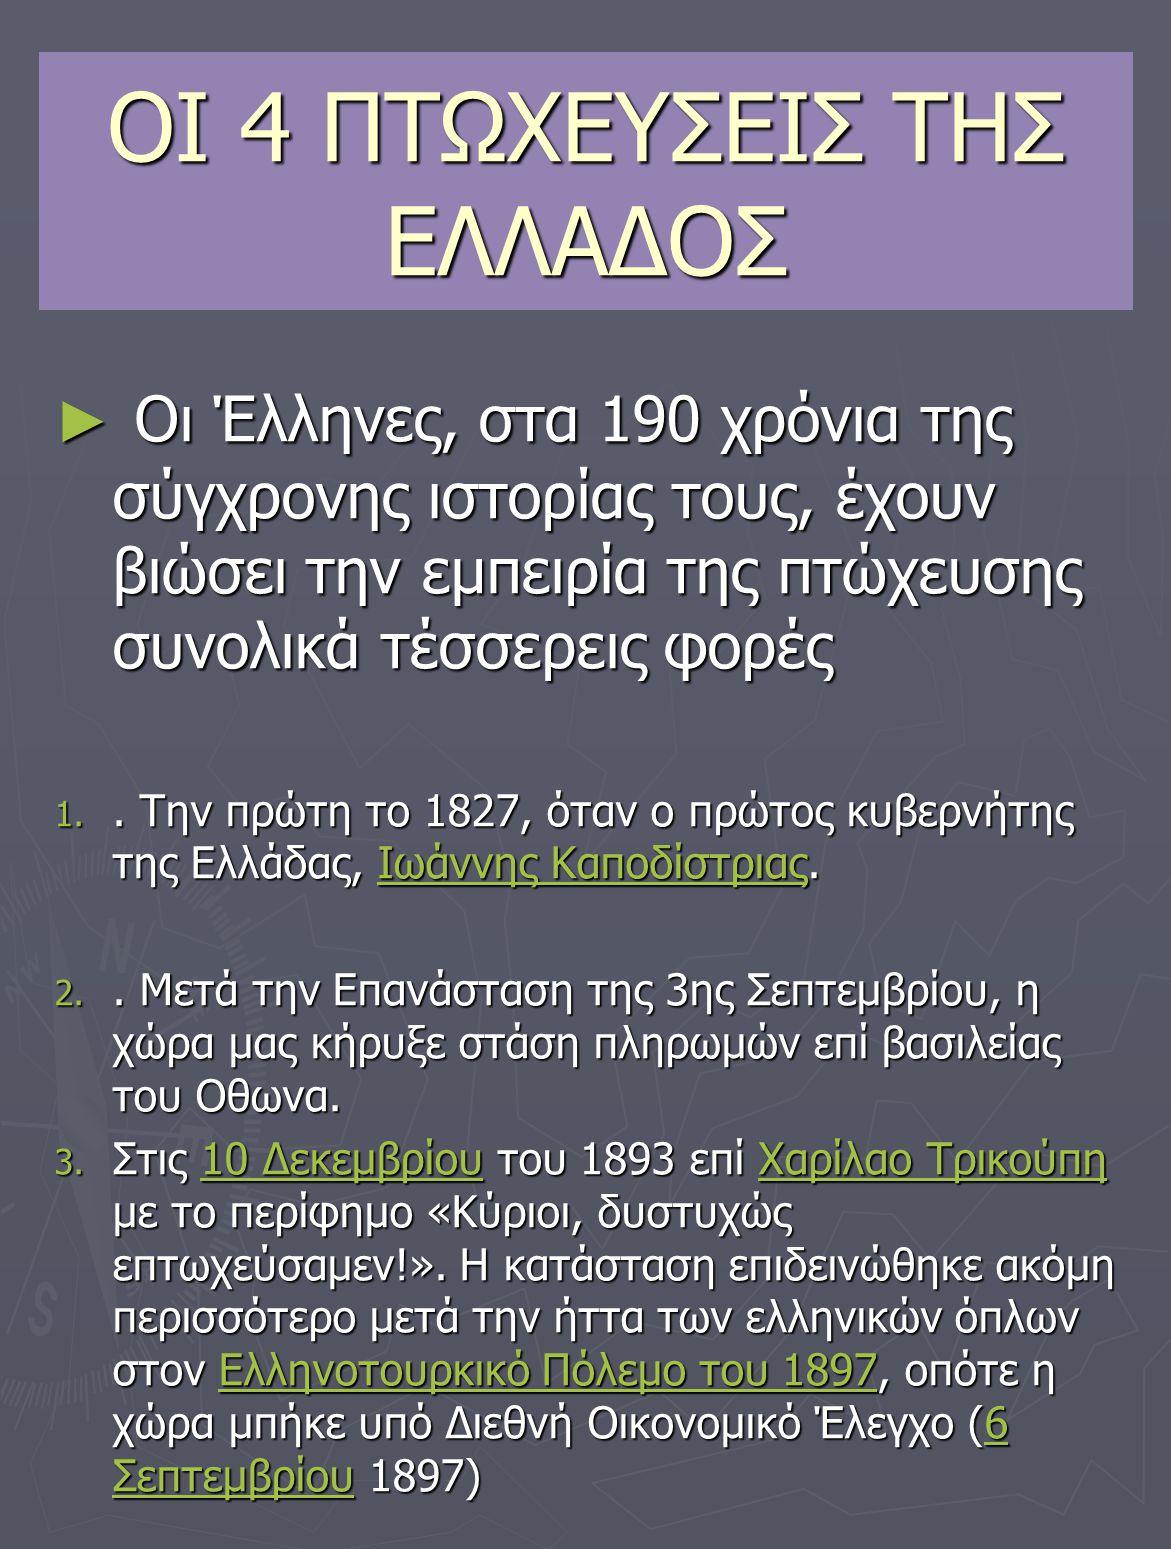 ΟΙ 4 ΠΤΩΧΕΥΣΕΙΣ ΤΗΣ ΕΛΛΑΔΟΣ ► Οι Έλληνες, στα 190 χρόνια της σύγχρονης ιστορίας τους, έχουν βιώσει την εμπειρία της πτώχευσης συνολικά τέσσερεις φορές